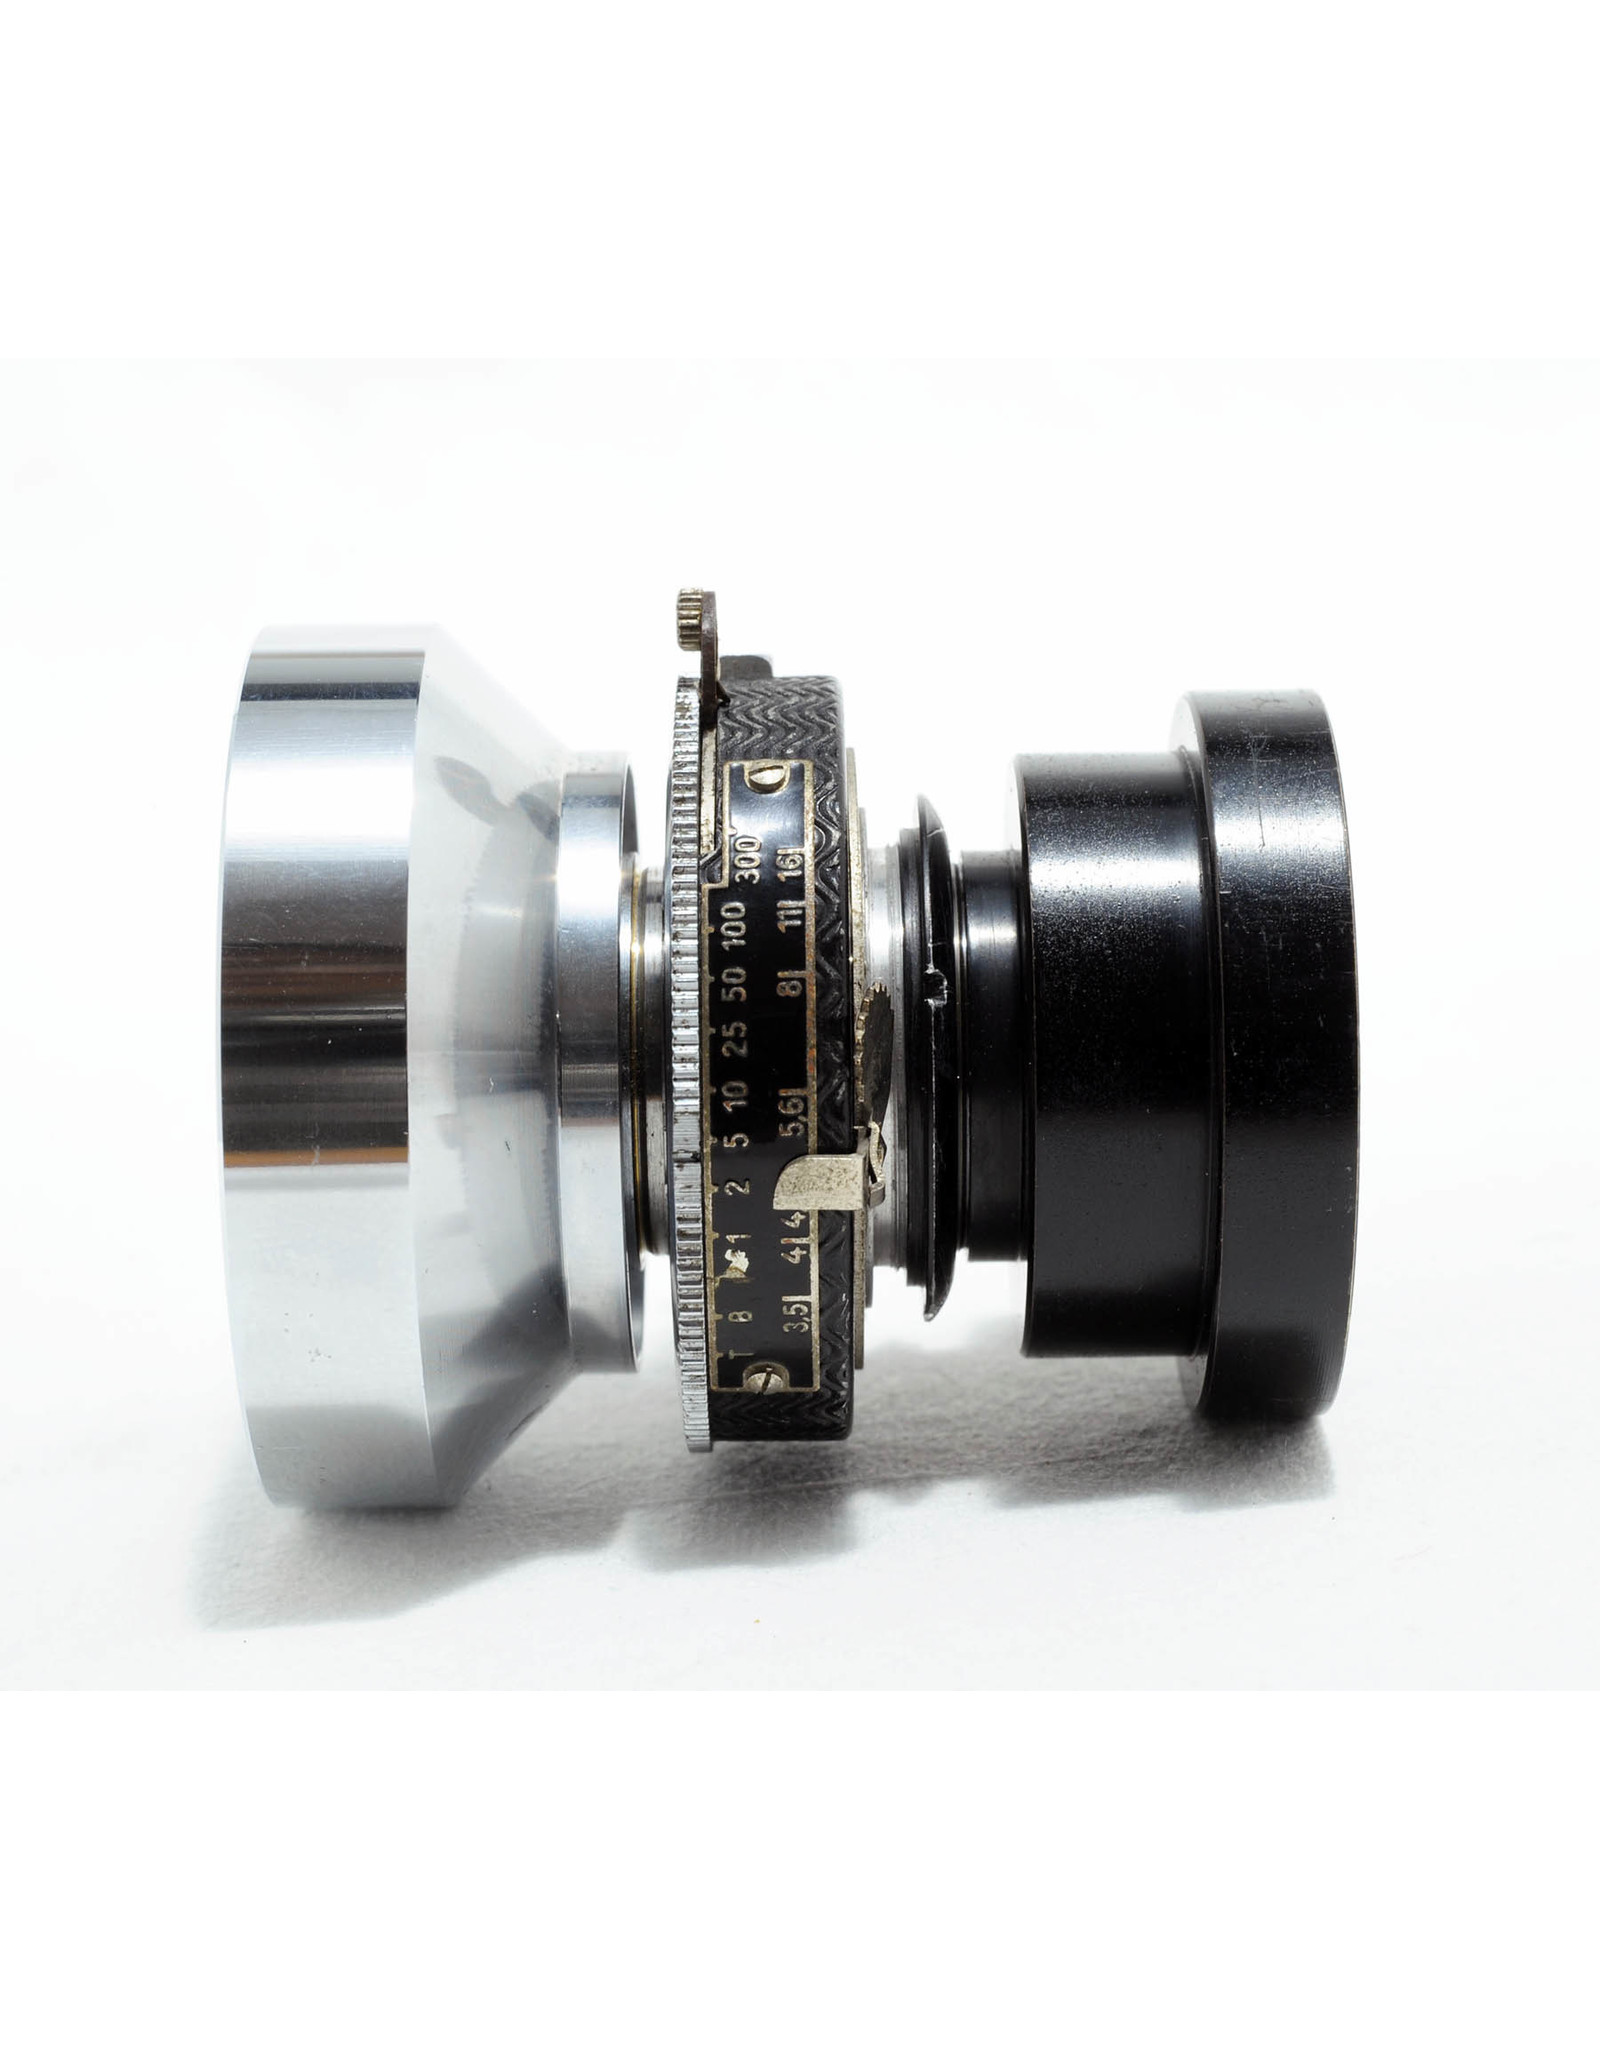 Schneider Schneider 65mm f8 Super-Angulon